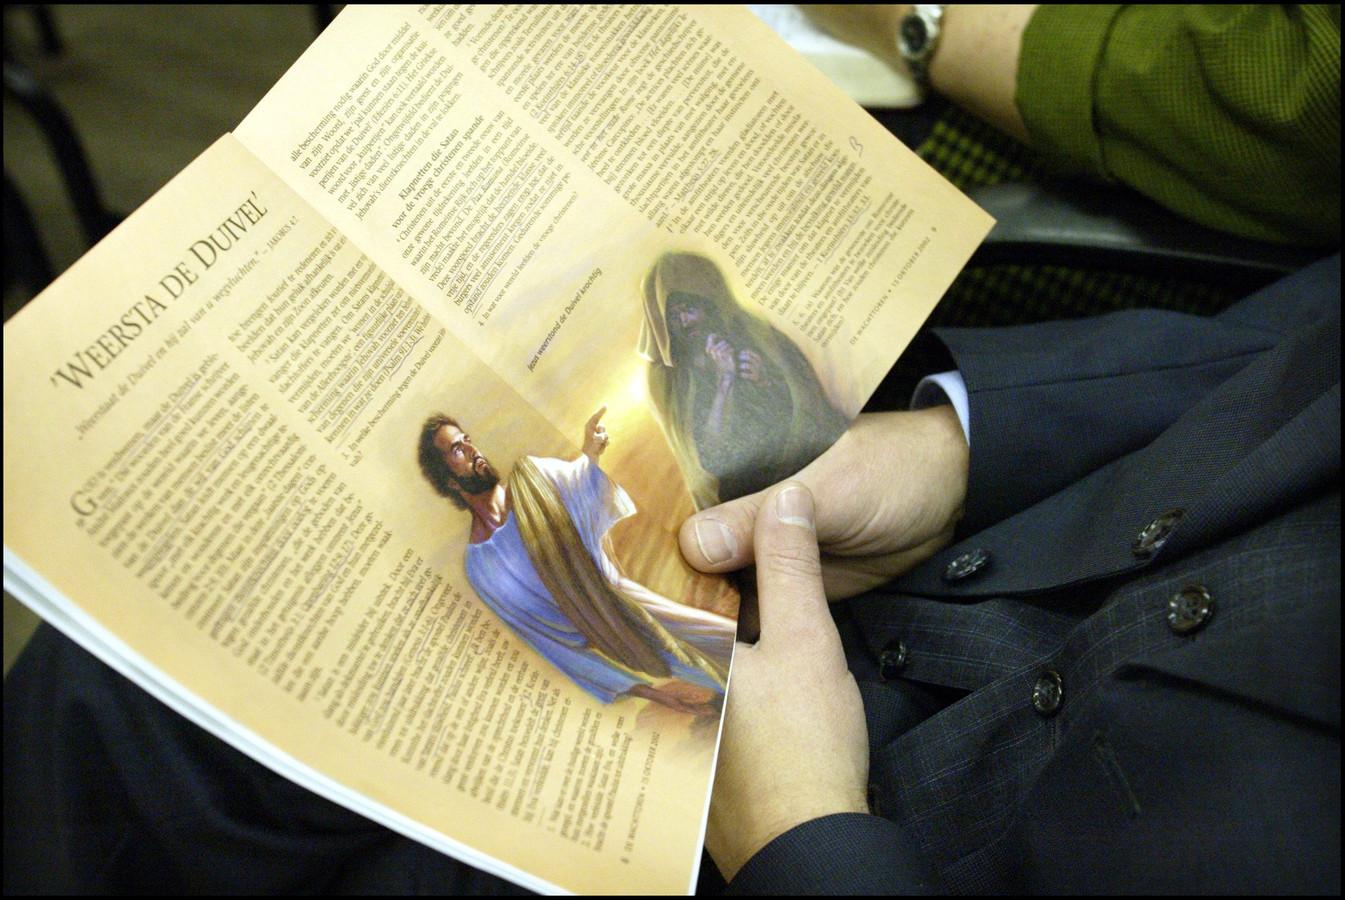 Het onderzoek naar de Jehova's getuigen levert veel meldingen op rond seksueel misbruik.